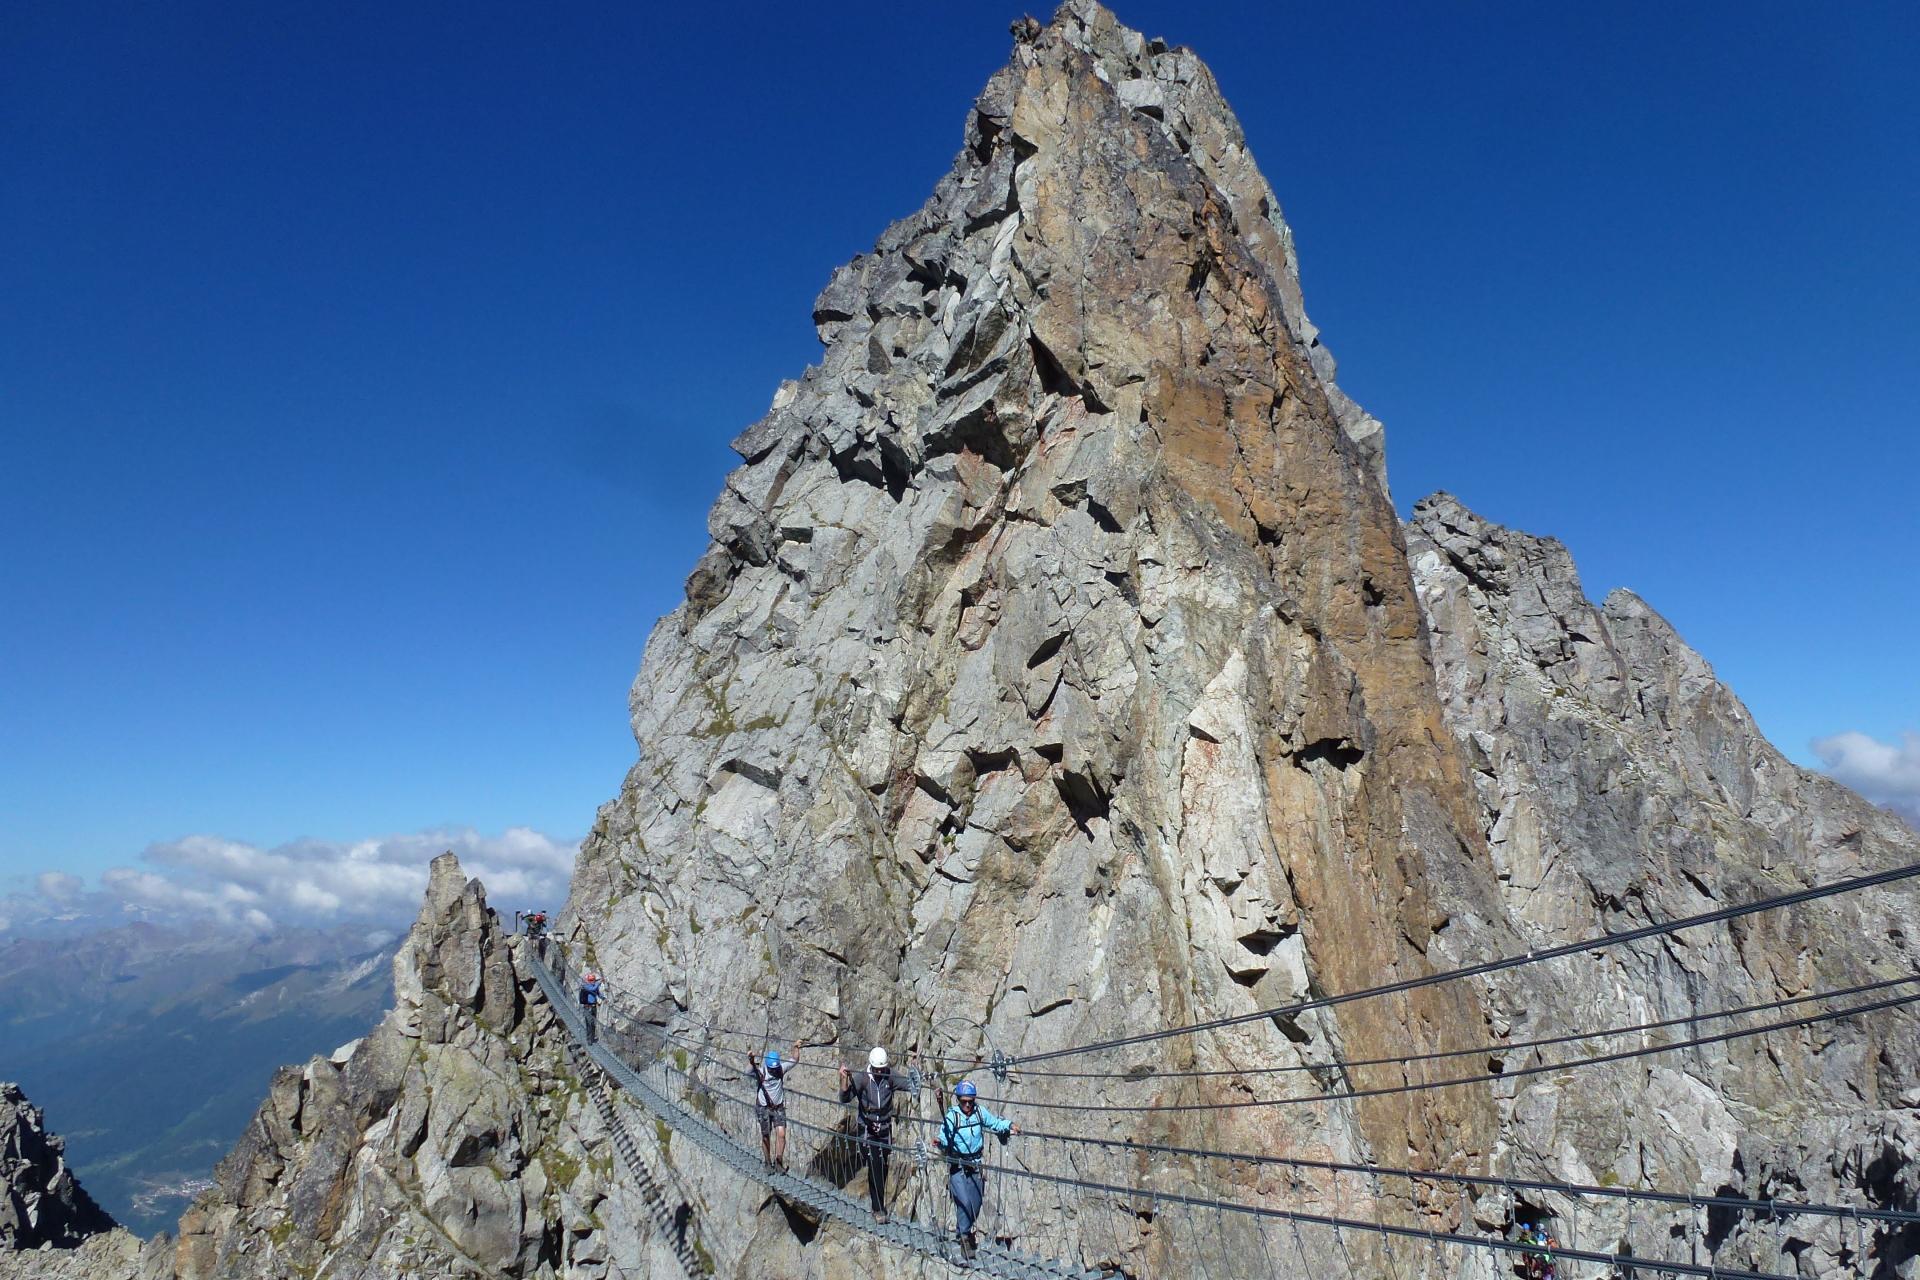 Scuola_di_Alpinismo_e_scialpinismo_Val_di_Sole-_Ph_Guide_Alpine.jpg